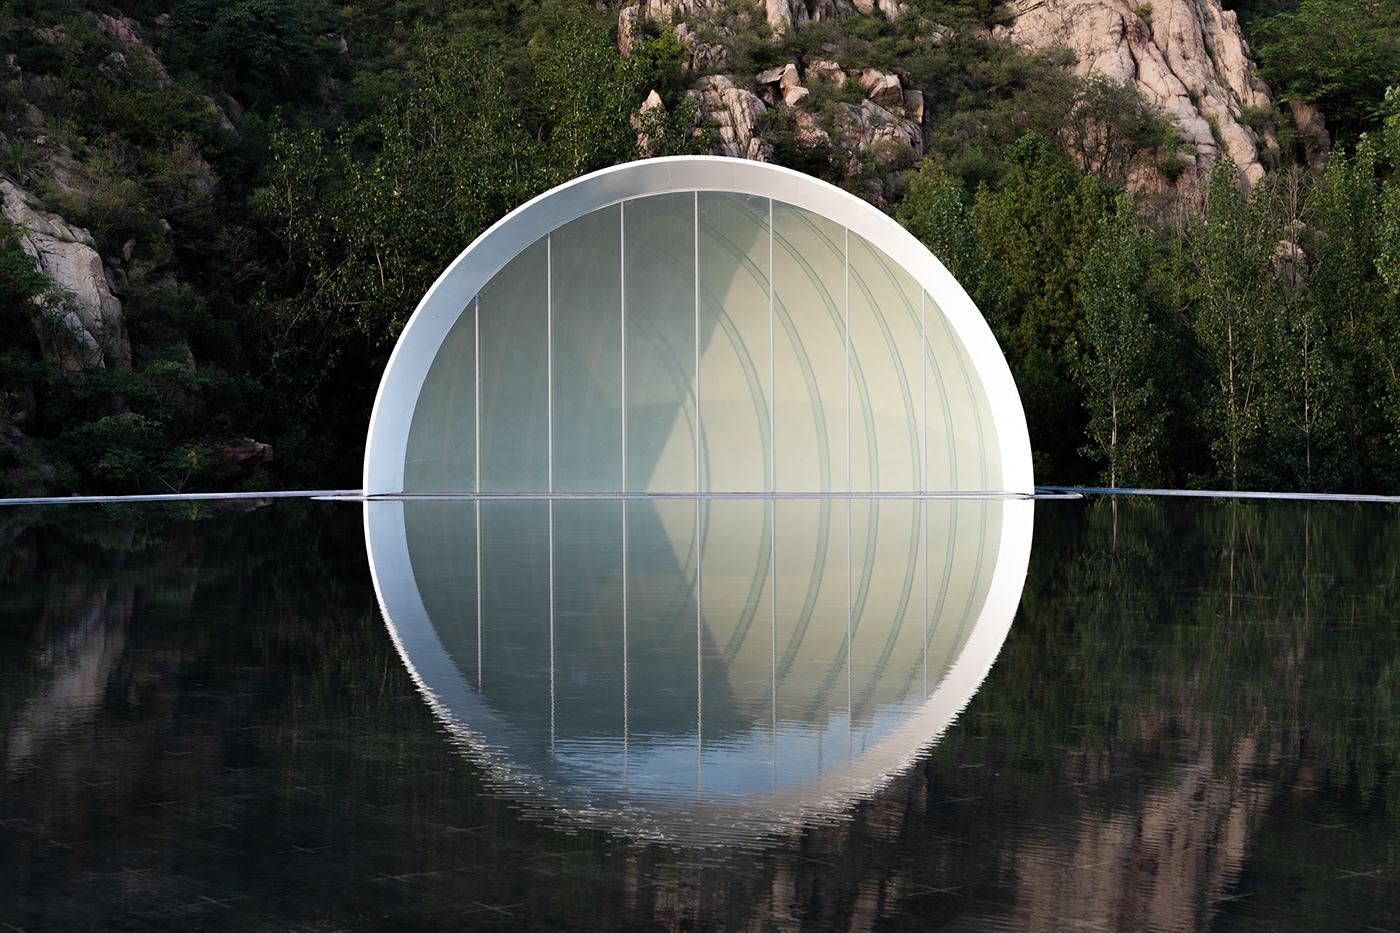 architecture interior design  建筑 建筑摄影 建筑设计 摄影